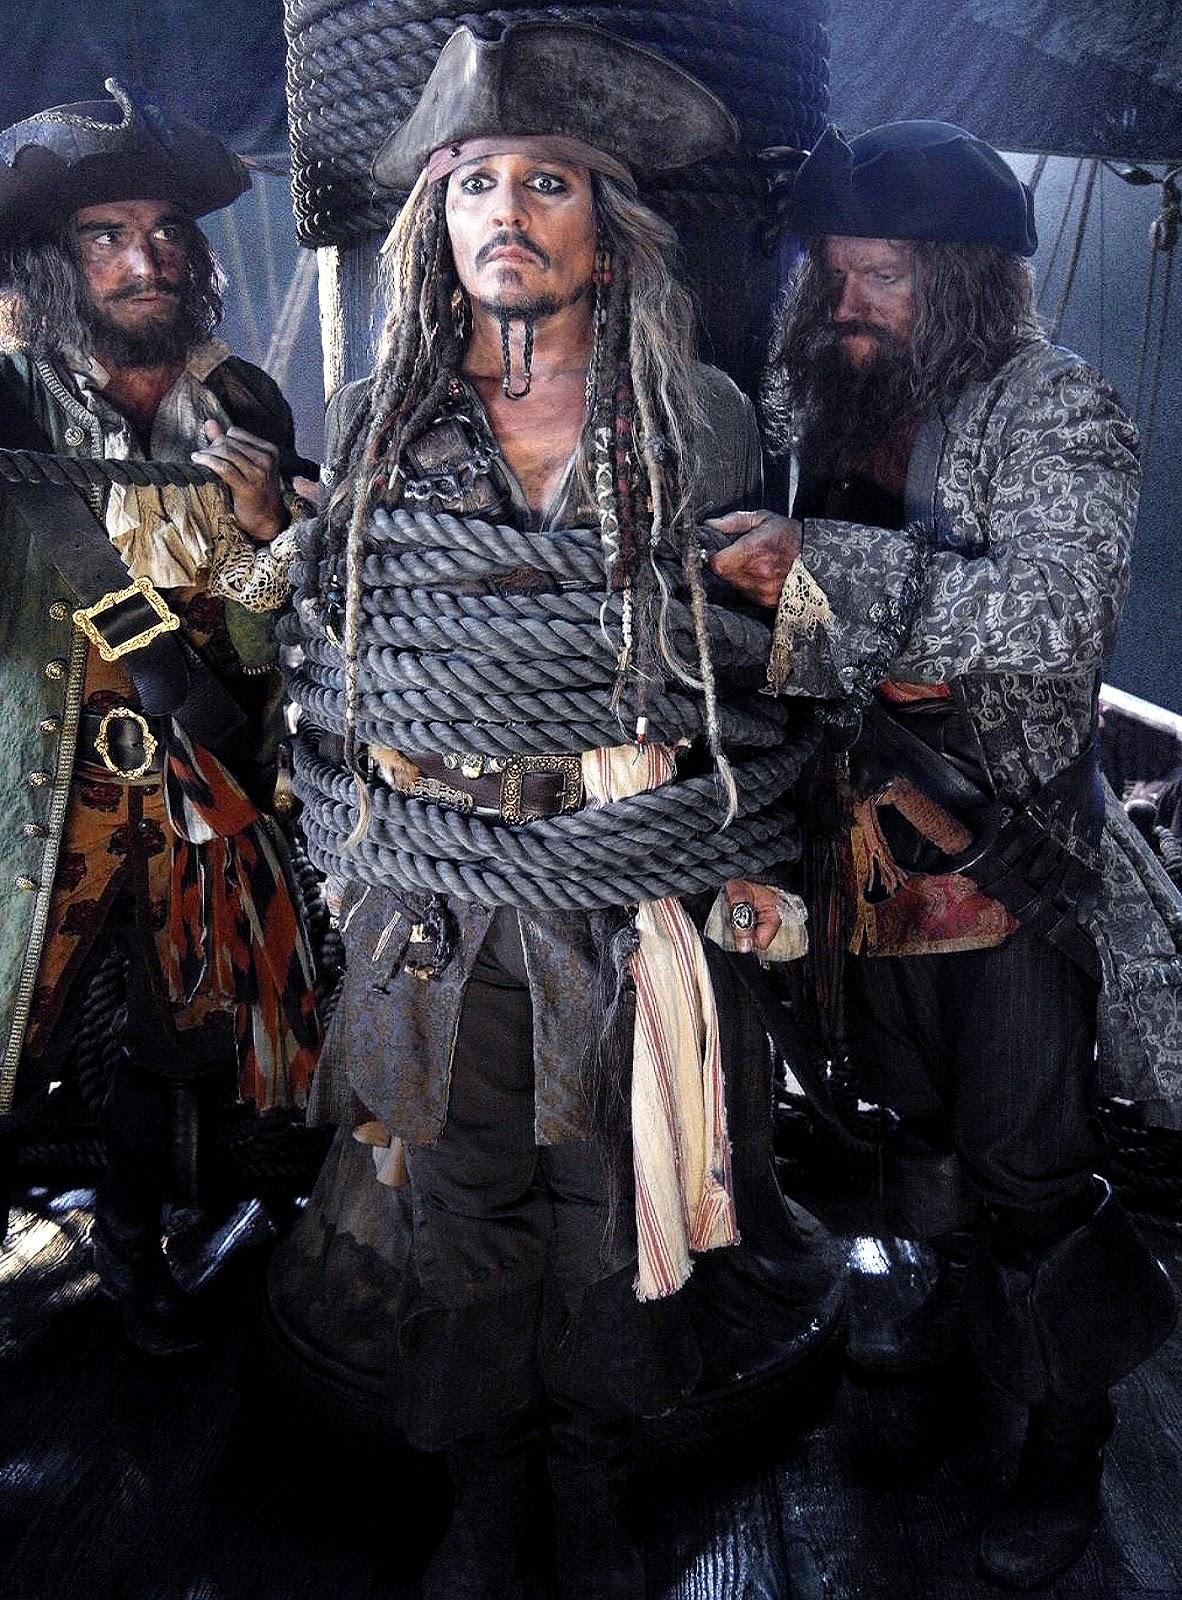 Căpitanul Jack Sparrow este capturat în prima imagine din Piraţii Din Caraibe 5